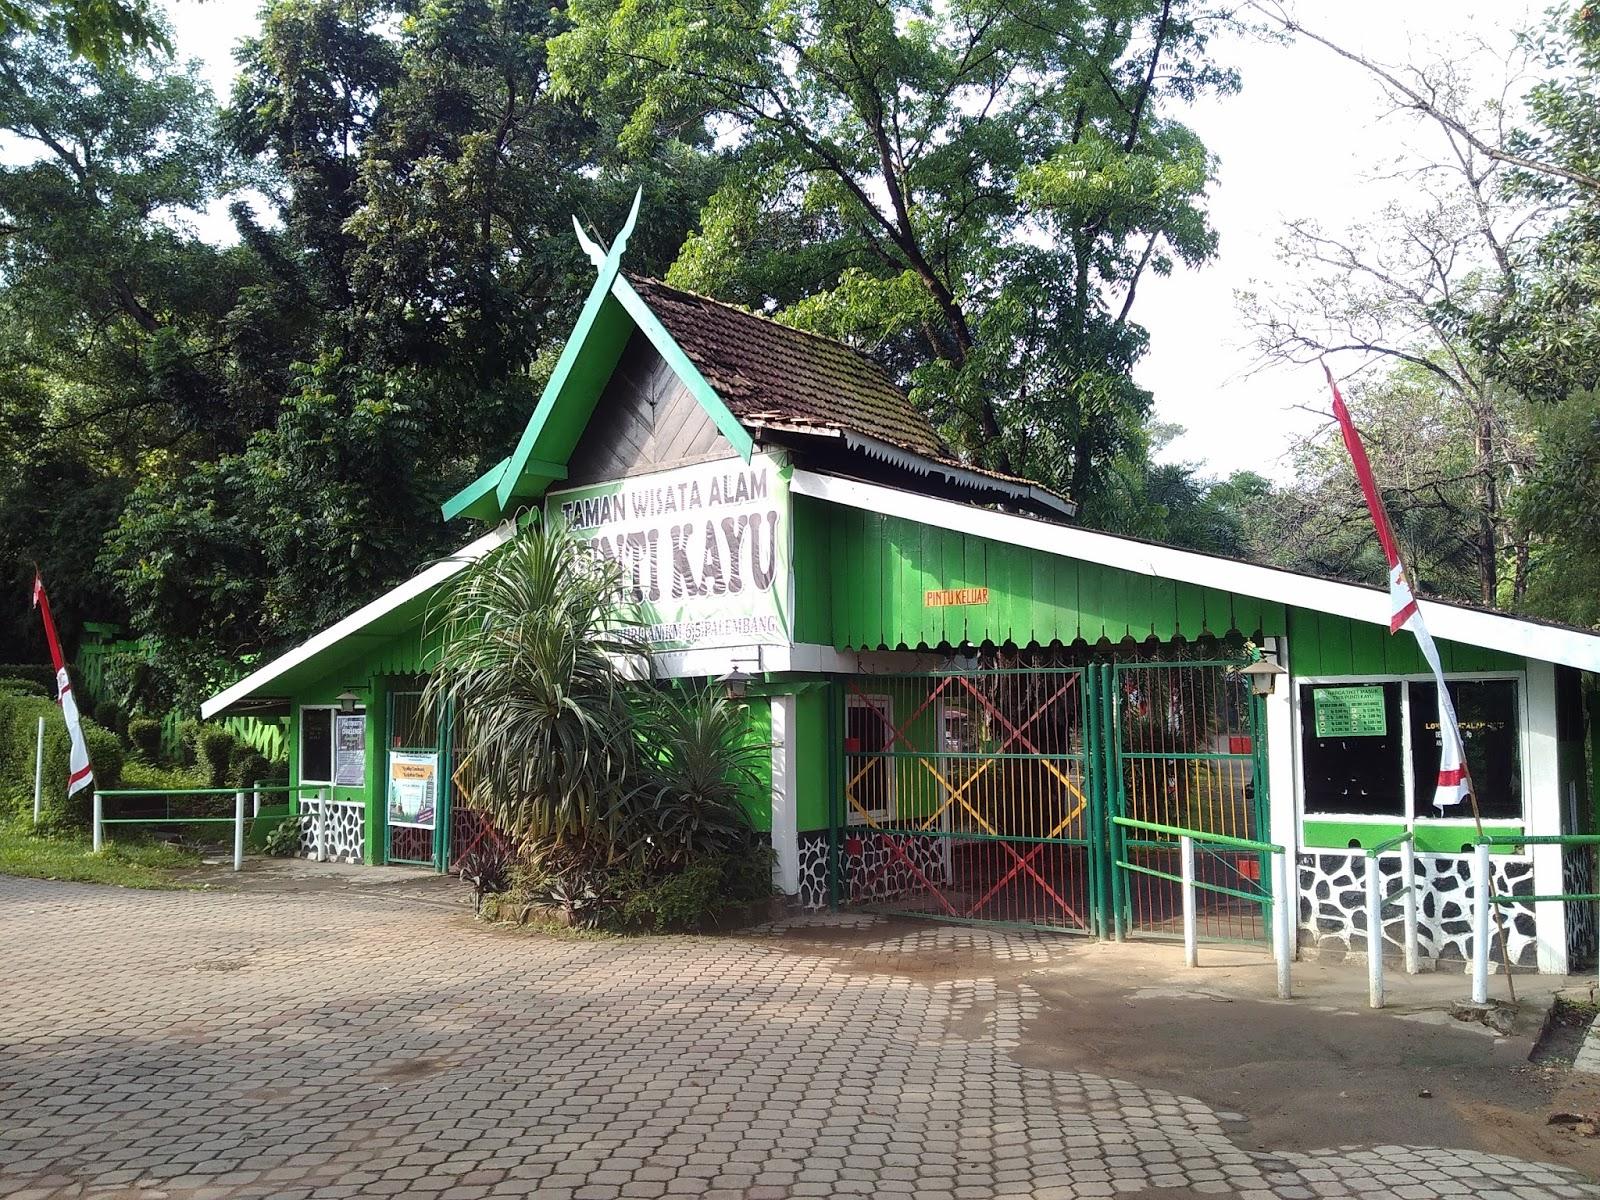 Visit Taman Wisata Alam Punti Kayu, Palembang, South Sumatra. ~ Tourism Indonesia